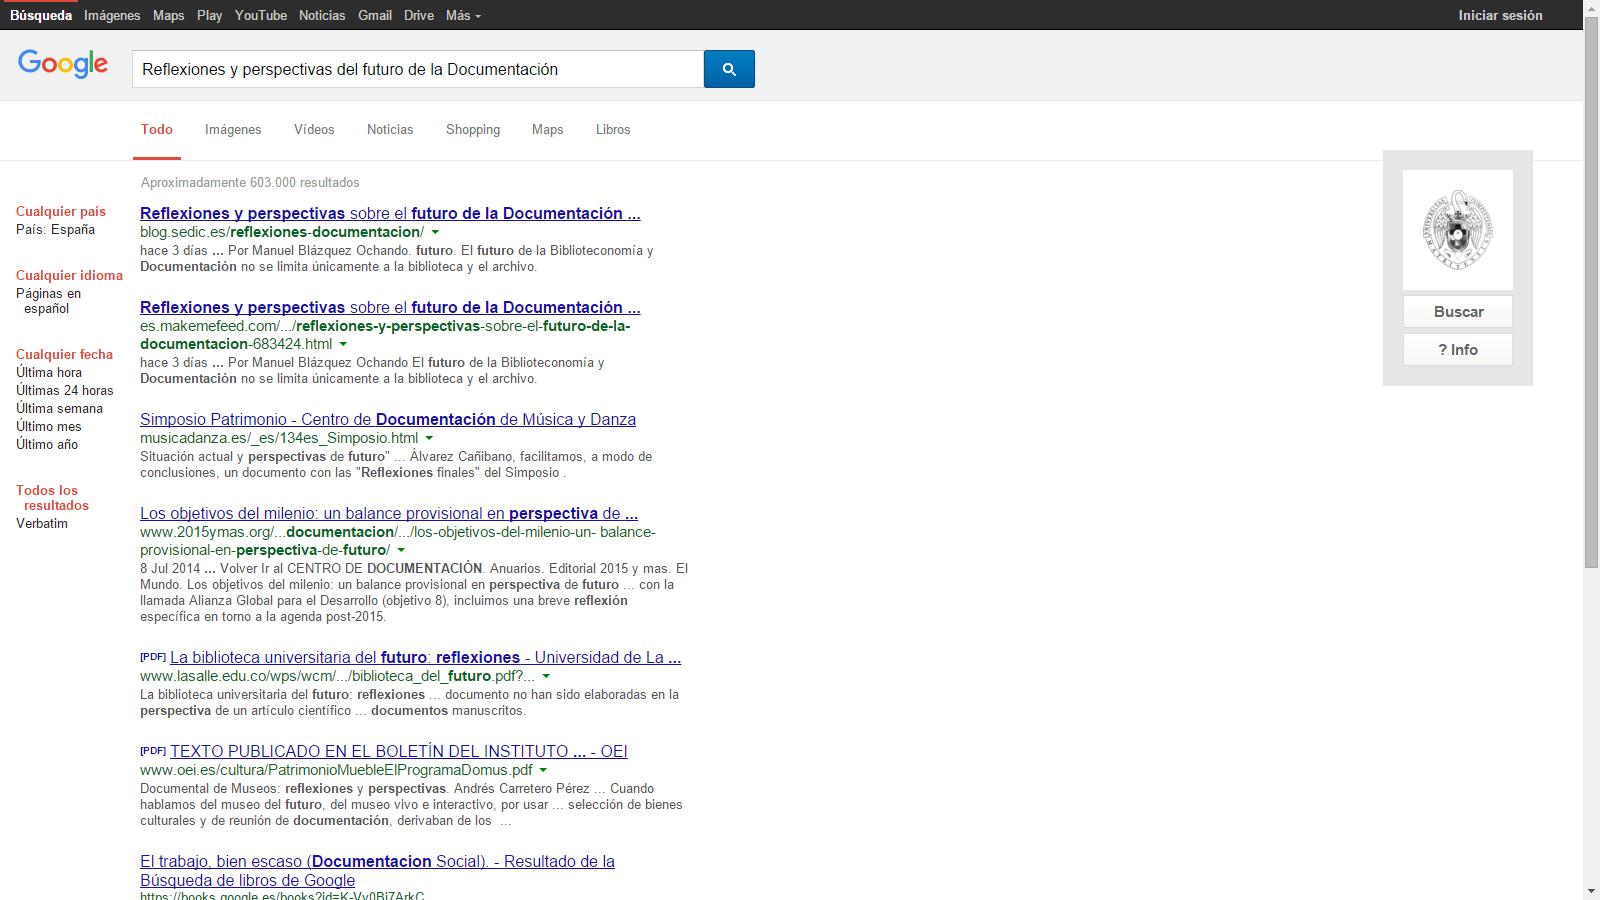 La técnica de suplantación funciona con las consultas y los resultados originales de Google, sólo el logotipo de la Universidad Complutense desvela que el sitio web de Google no es original